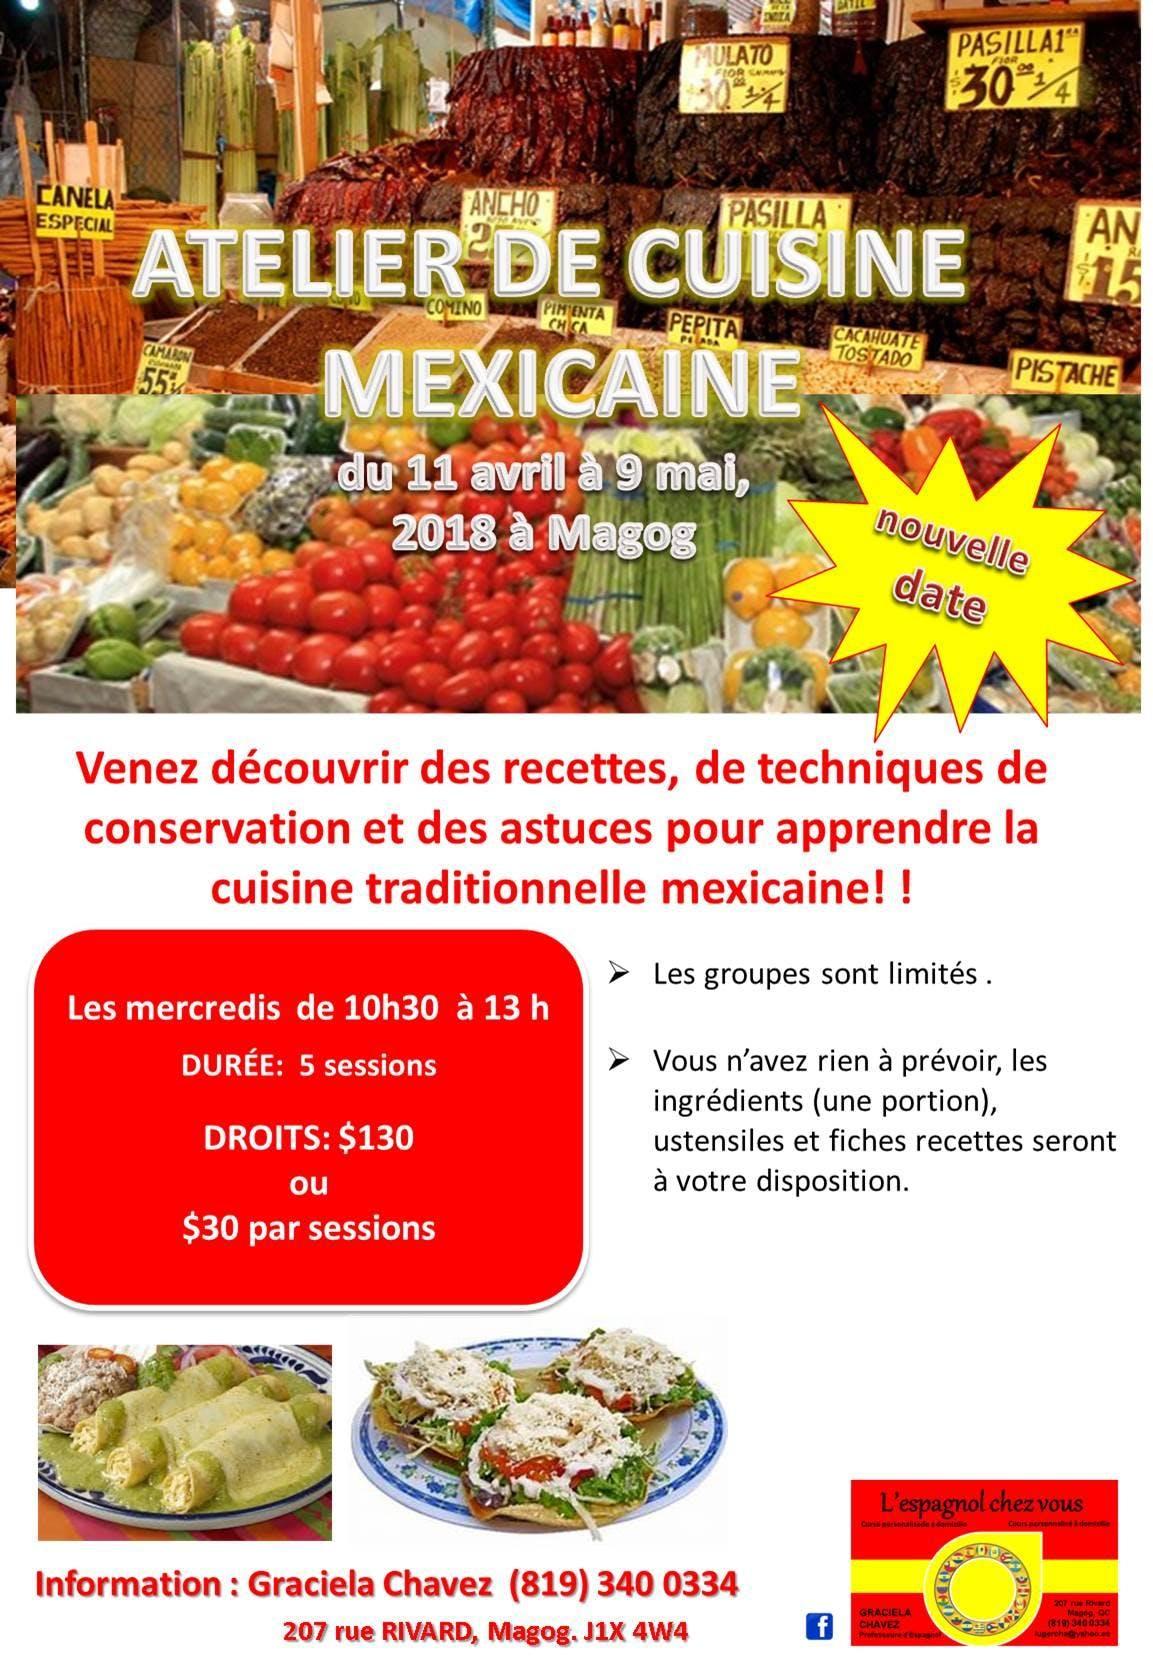 ATELIER DE CUISINE MEXICAINE